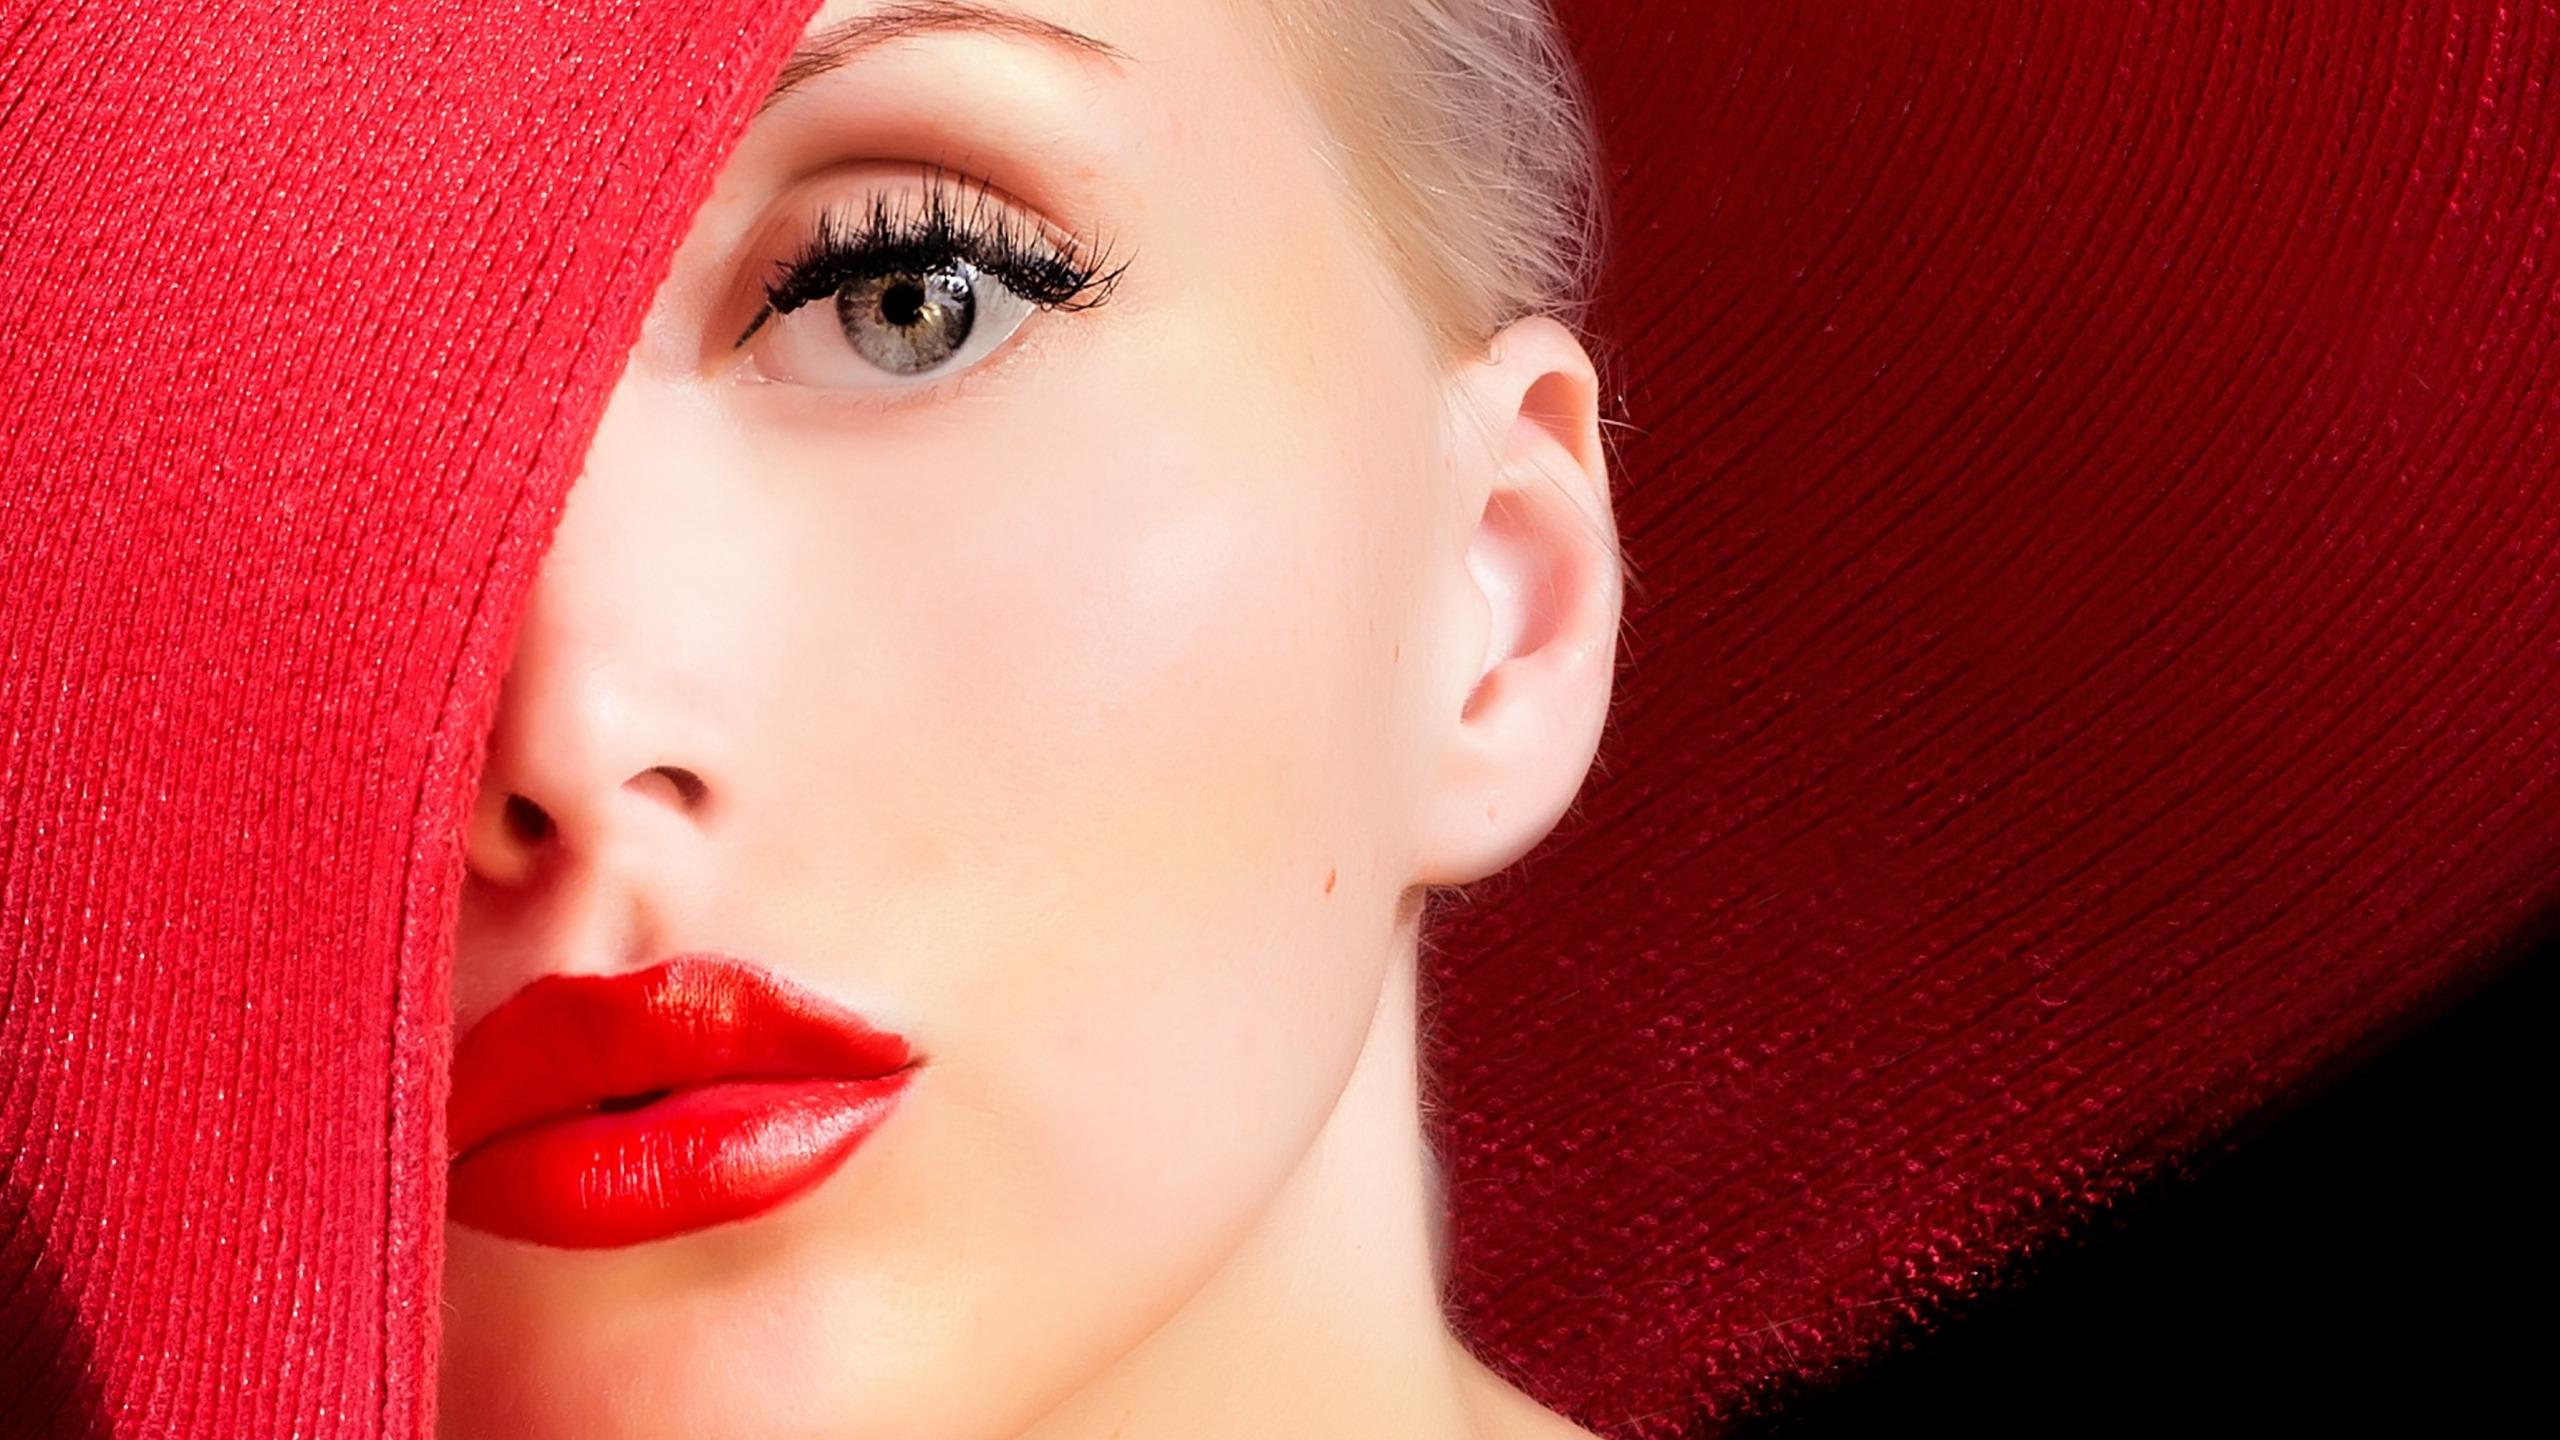 девушка взгляд шляпка красная лицо  № 1867430 бесплатно